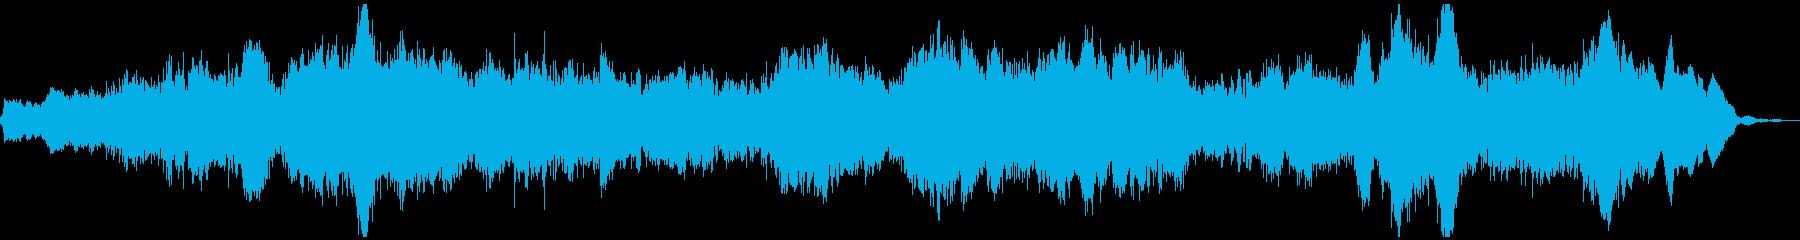 不安感を煽るシネマティックサウンドの再生済みの波形